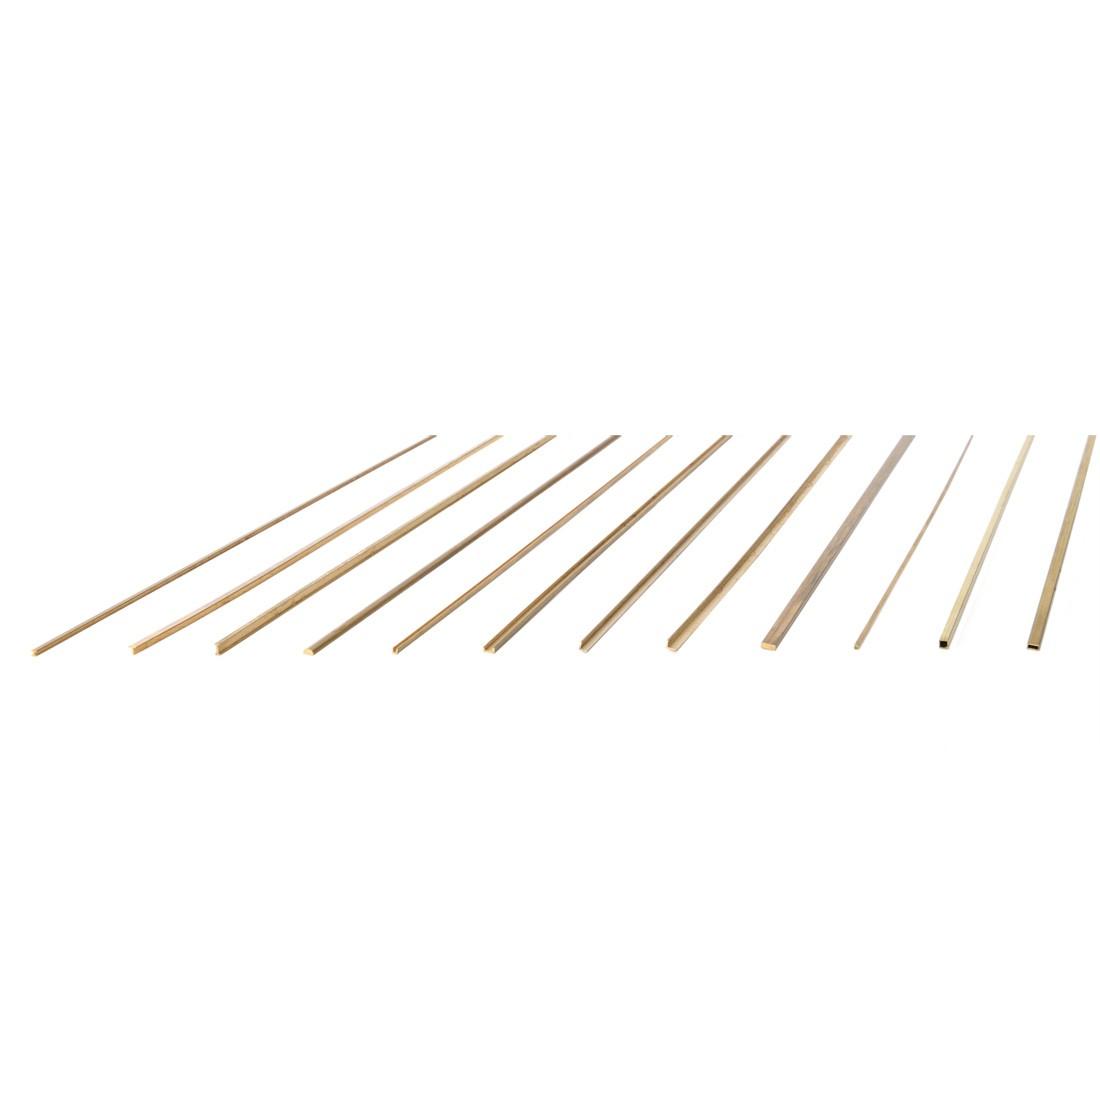 Microprofilati Ottone mm. 1x1x500 sez. quadra